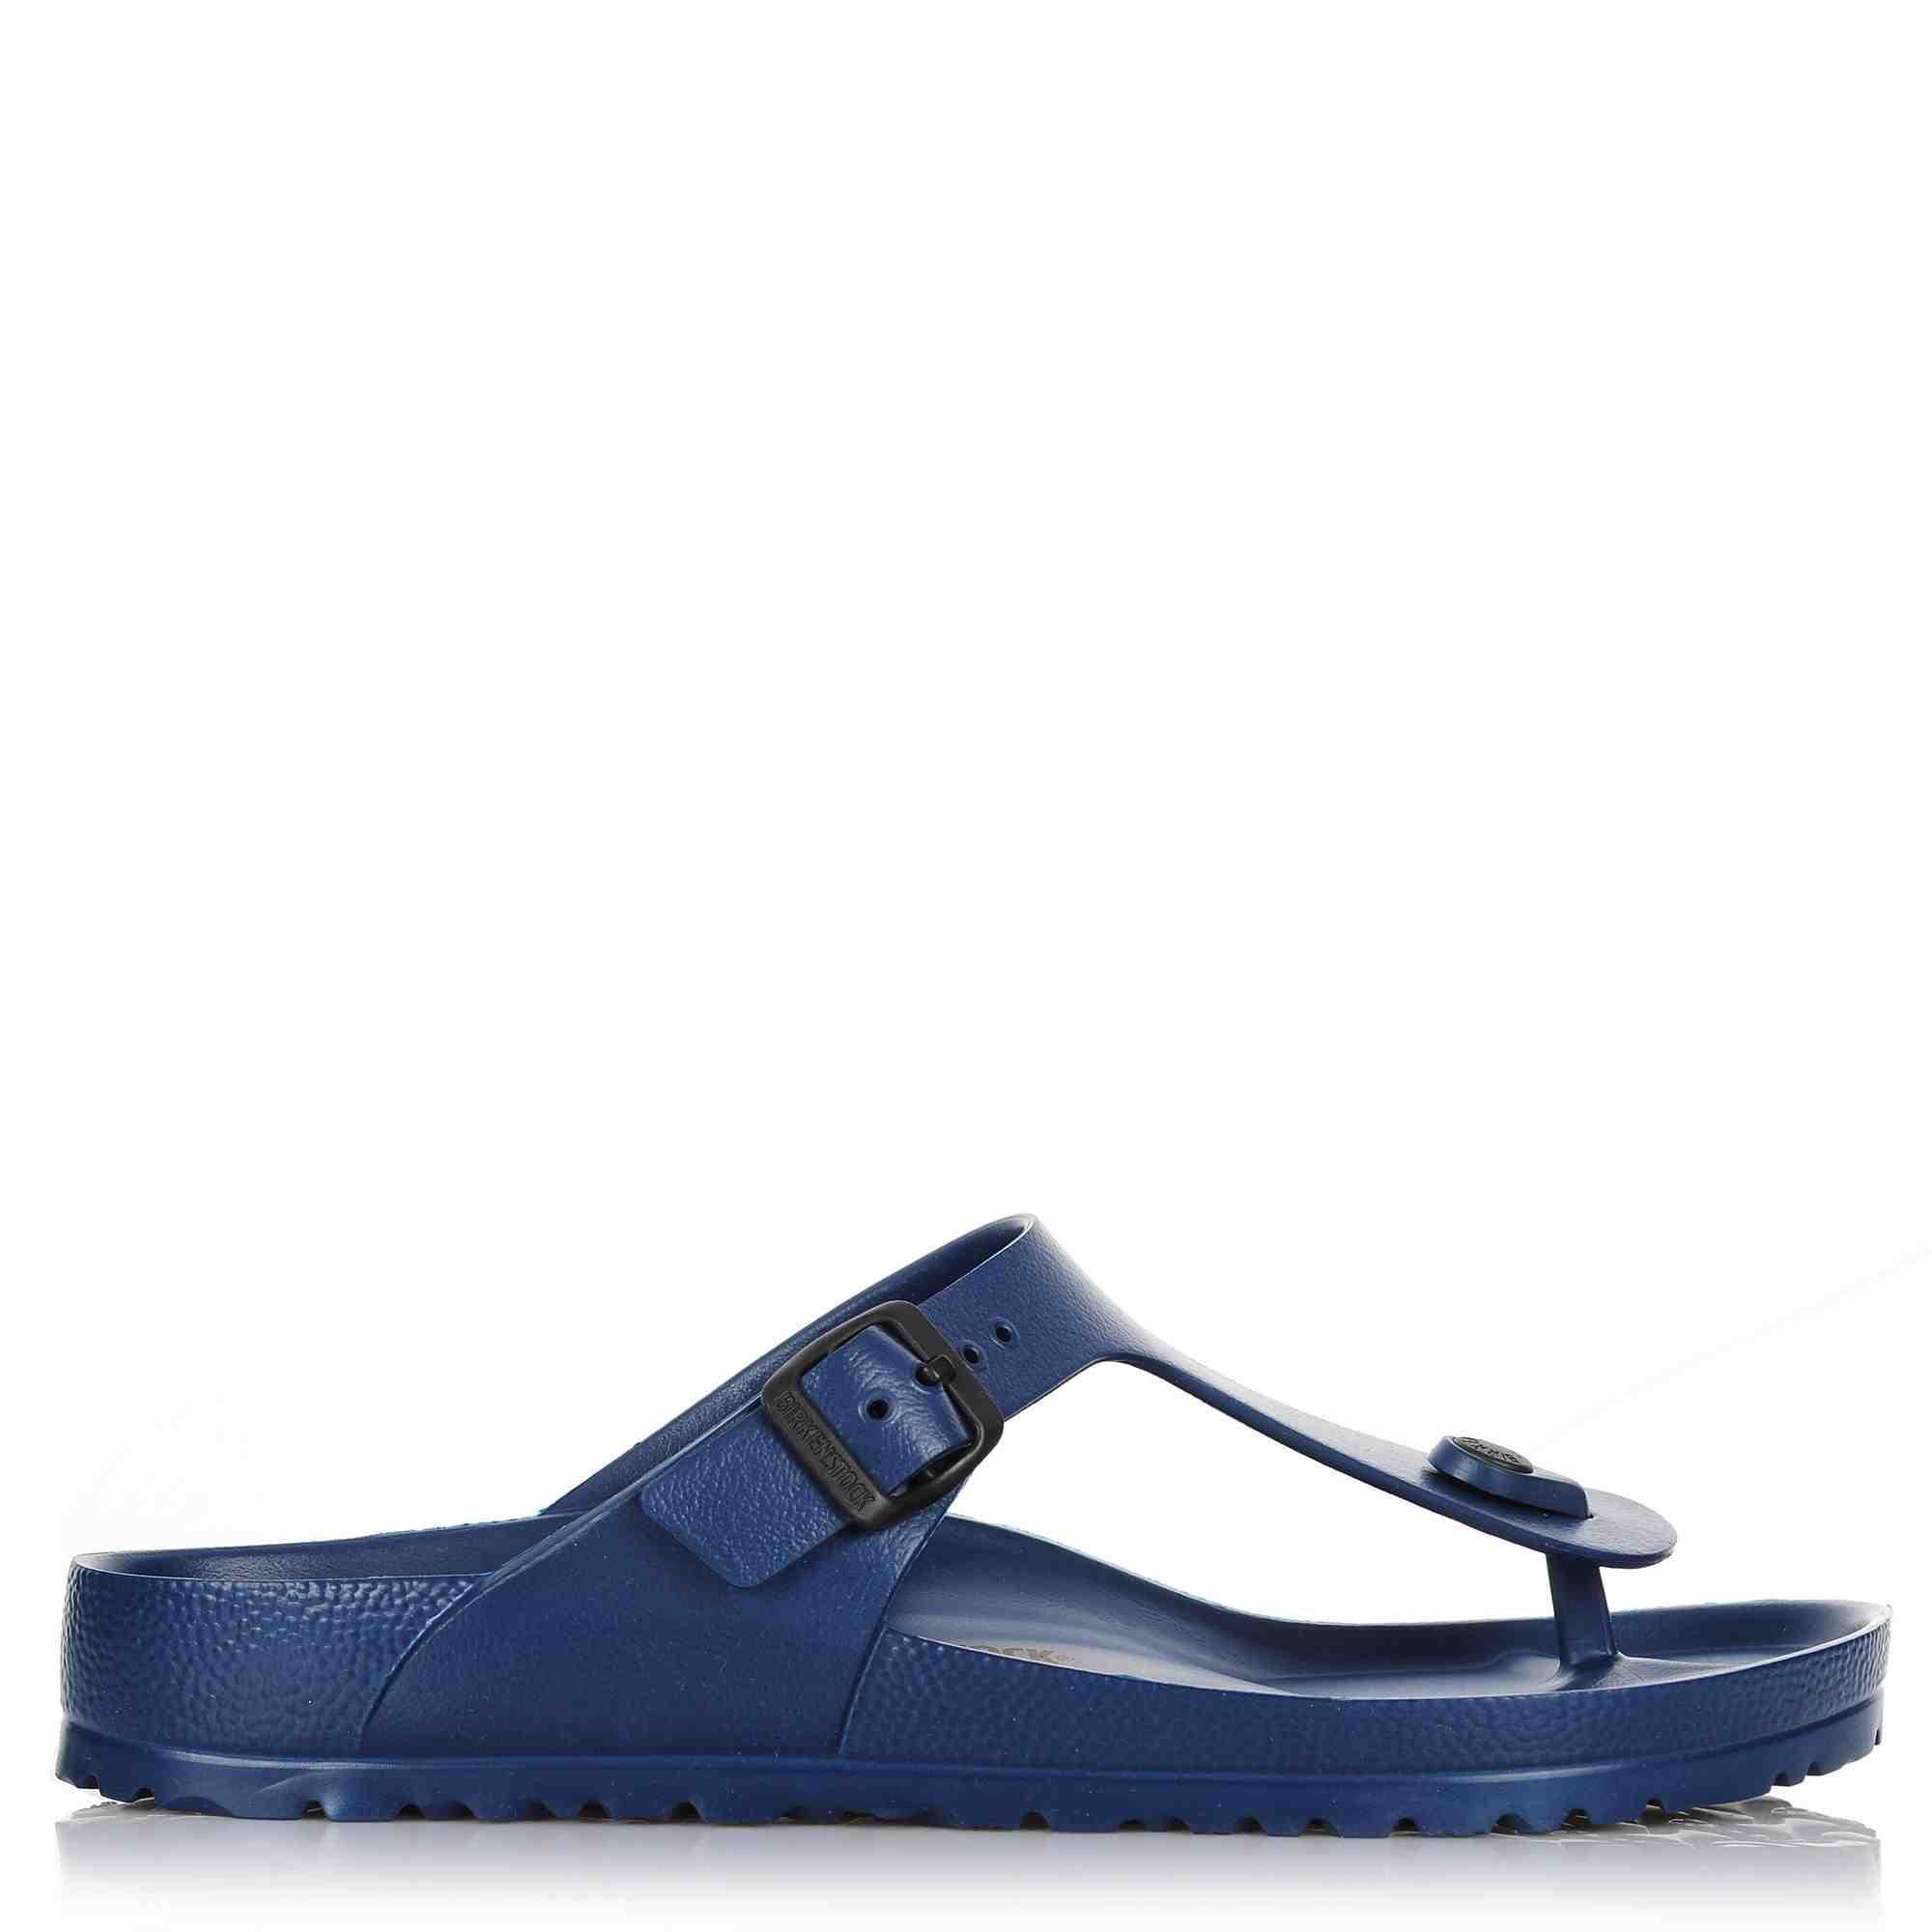 Ανδρικές Σαγιονάρες Birkenstock Gizeh Eva 0128211 ανδρας   ανδρικό παπούτσι